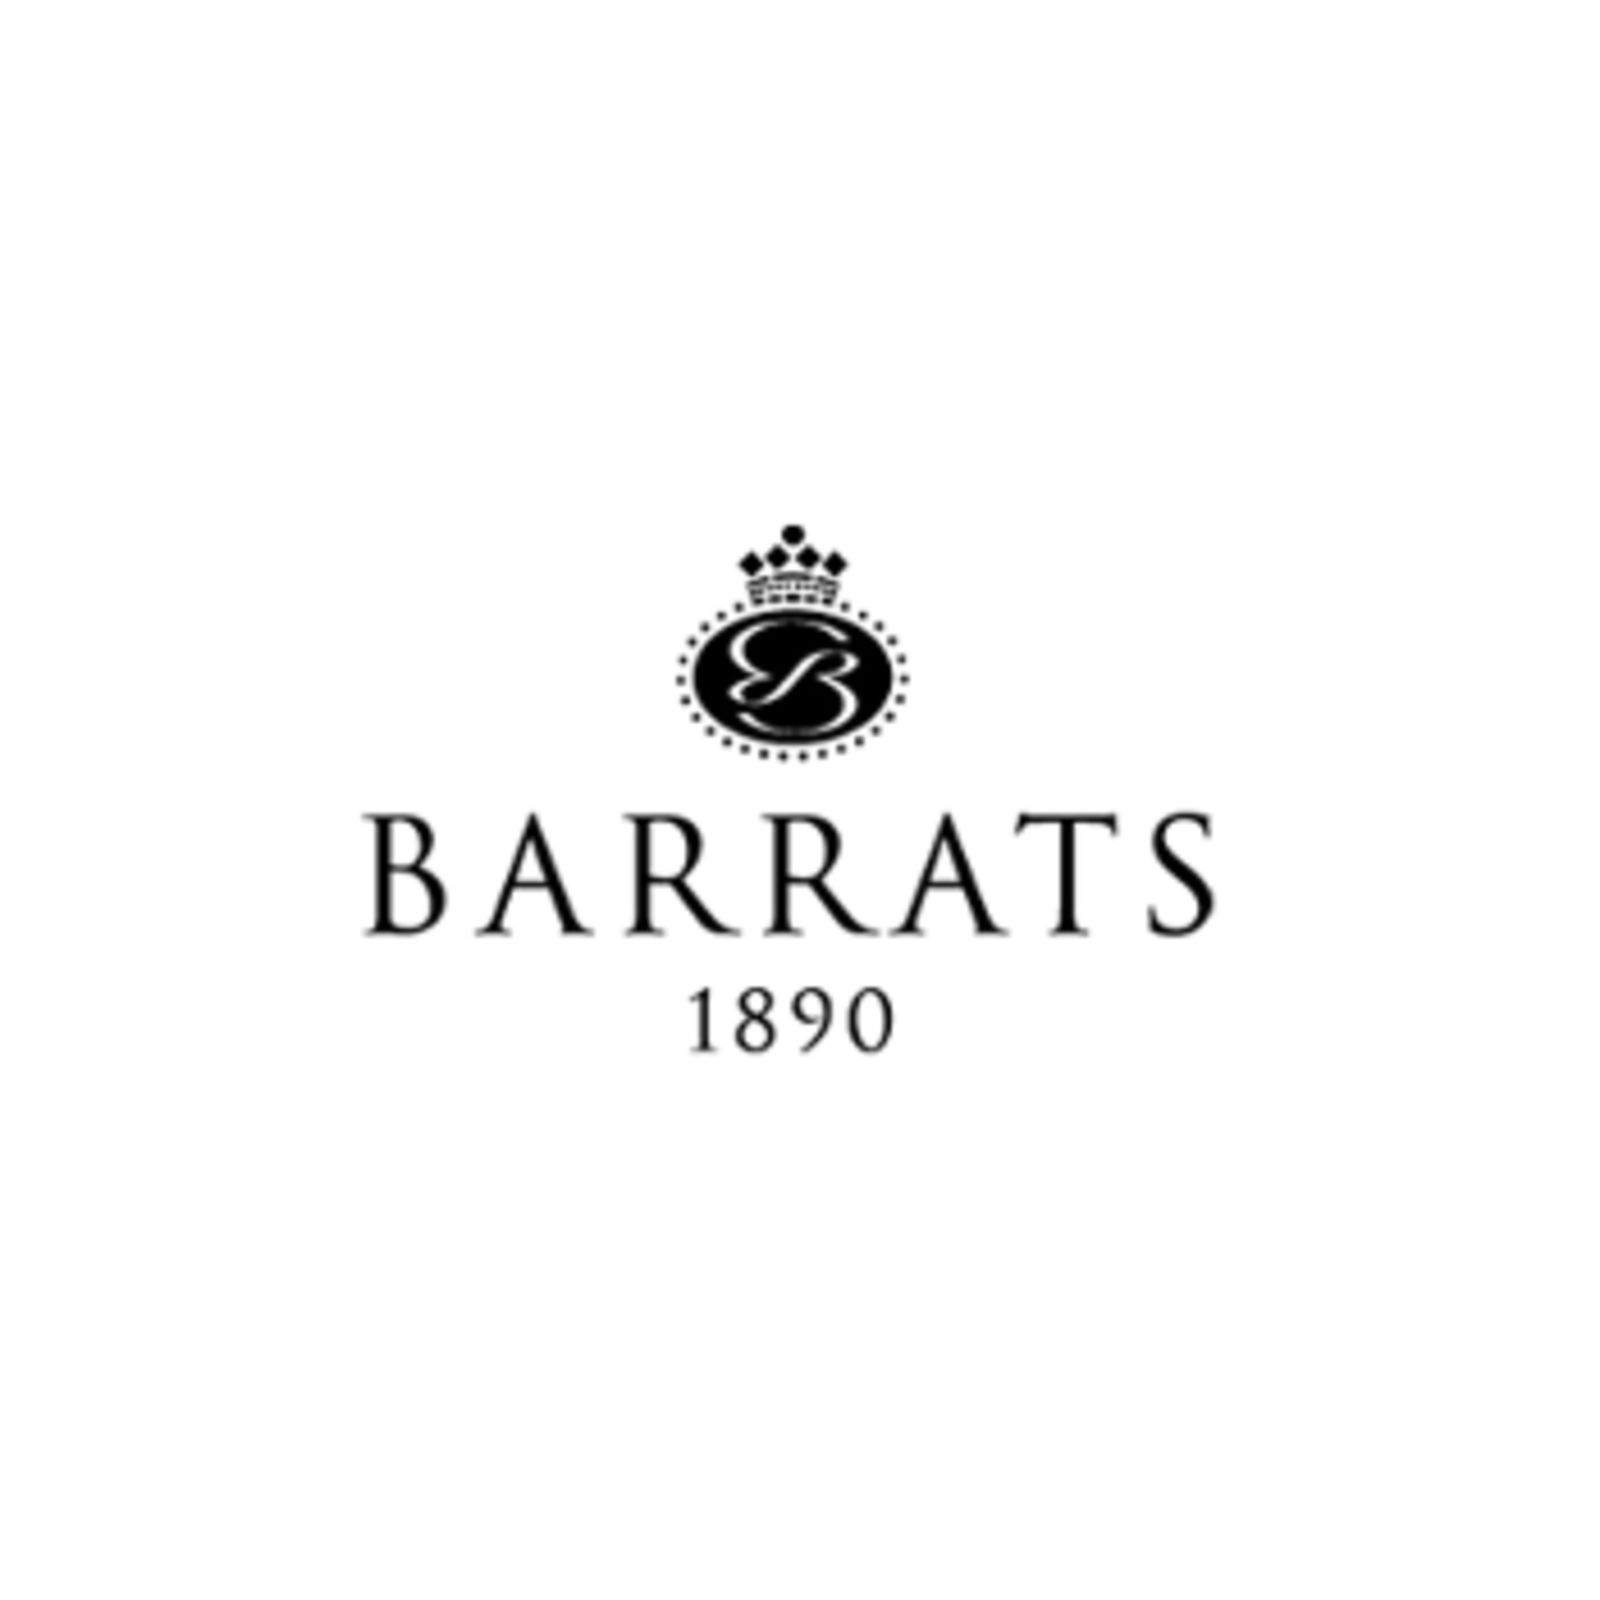 BARRATS